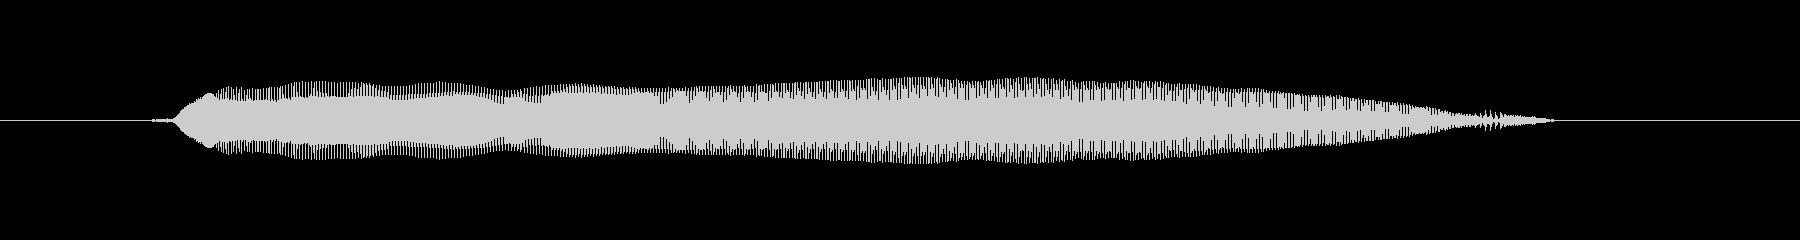 う〜・・'s unreproduced waveform